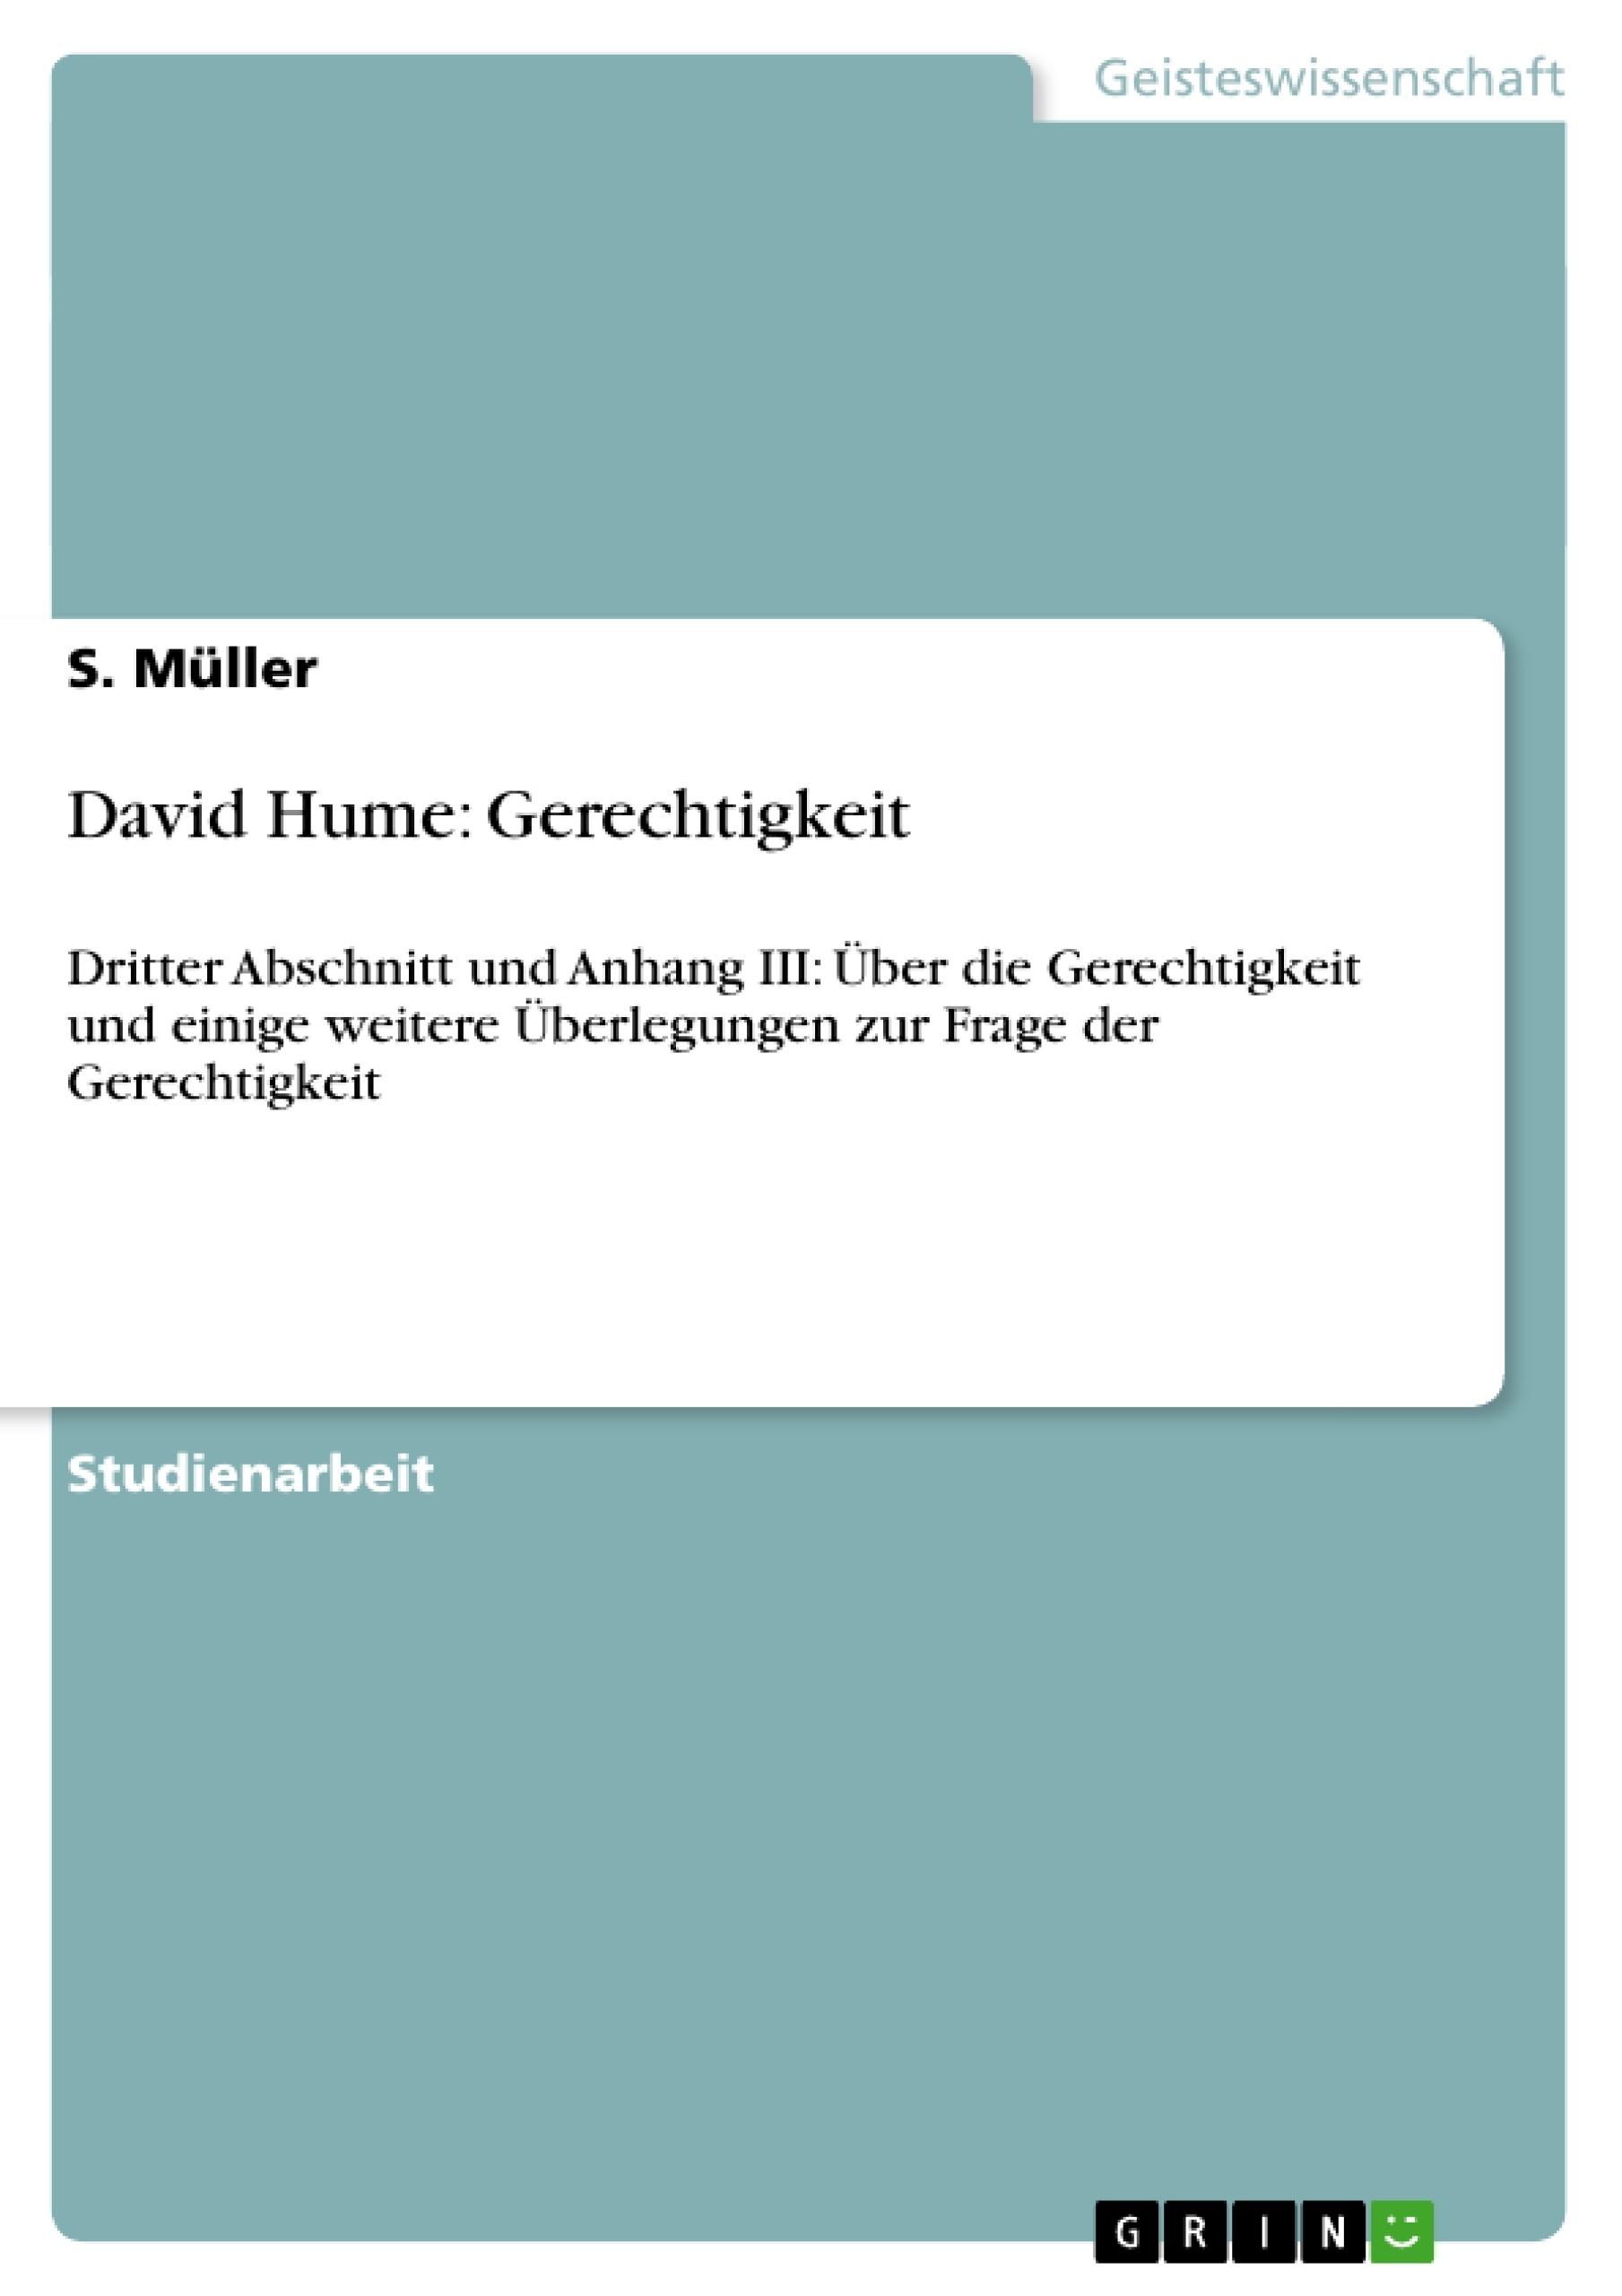 Titel: David Hume: Gerechtigkeit